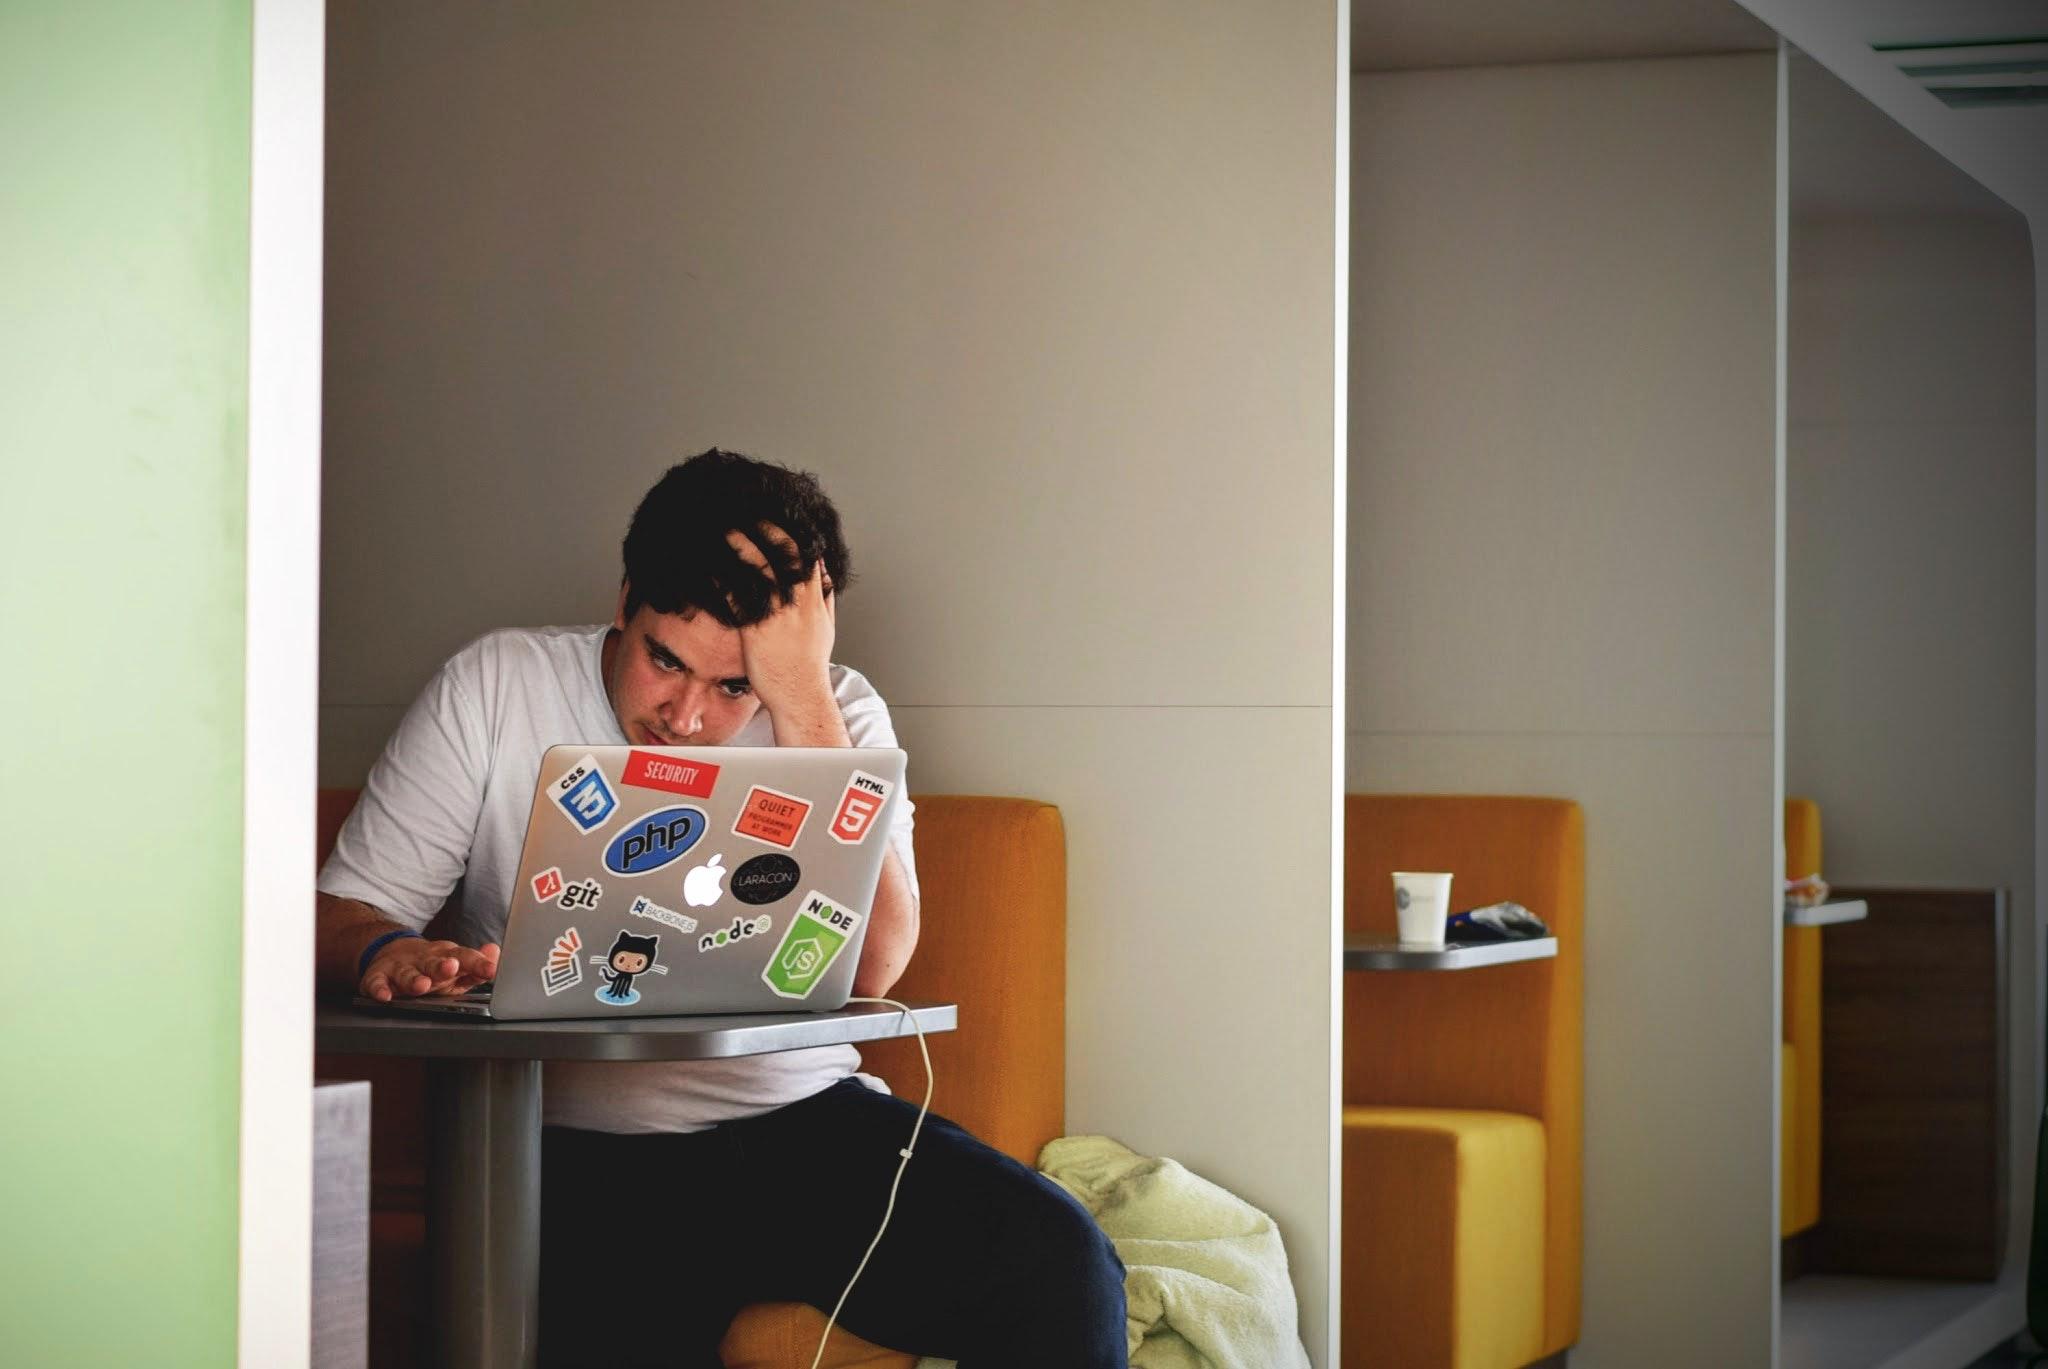 Man in white shirt using macbook pro photo